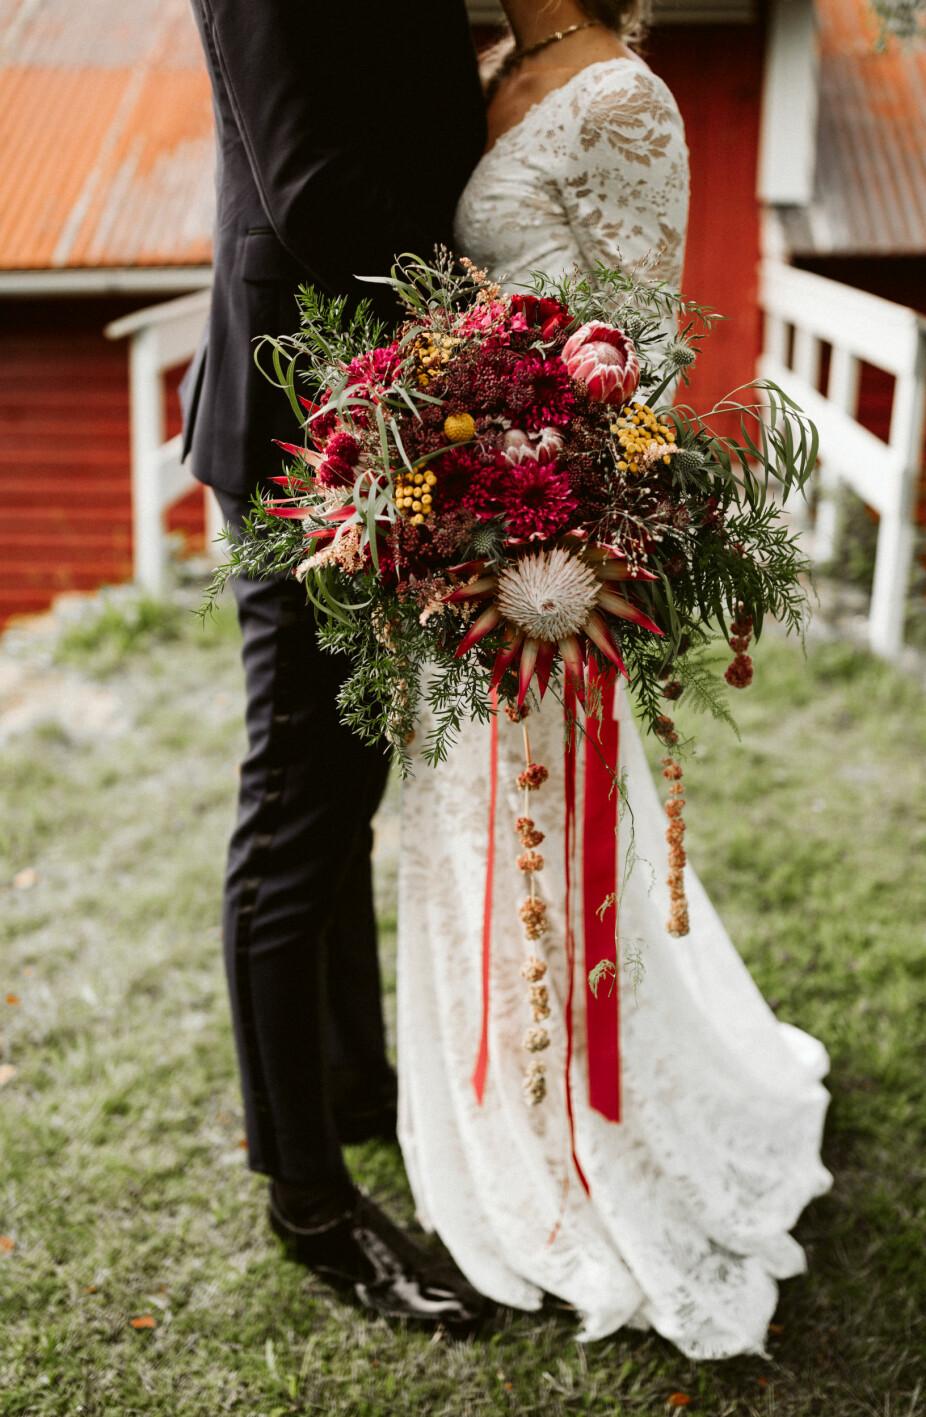 Den nydelige brudebuketten, bruden tok selv på røde velur- og silkebånd for det lille ekstra. Protea var den sentrale blomsten i buketten.